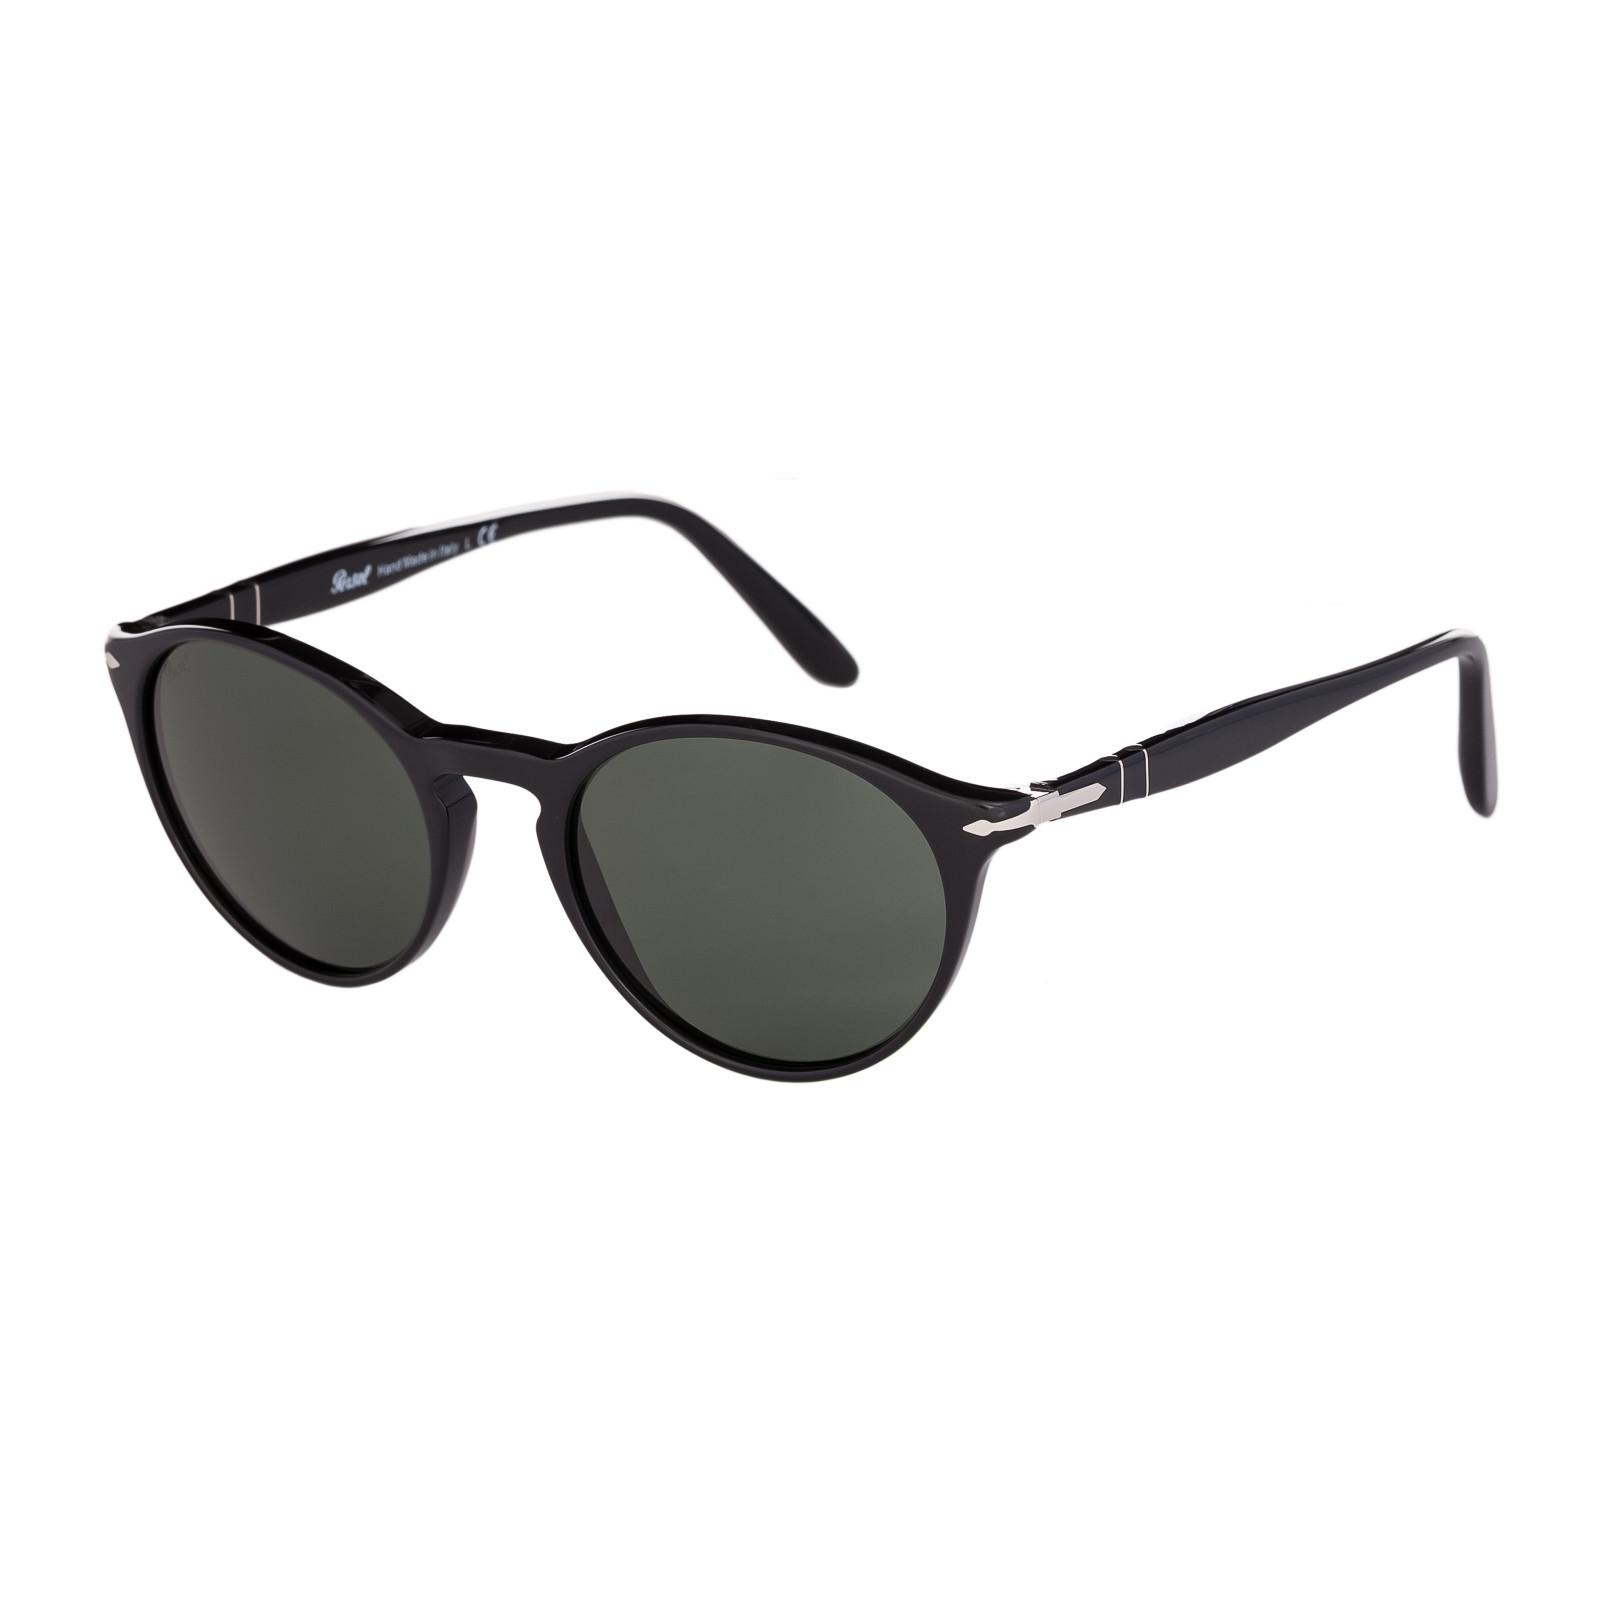 87b430d814 Persol Black Sunglasses PO3092SM 901431 - Sunglasses